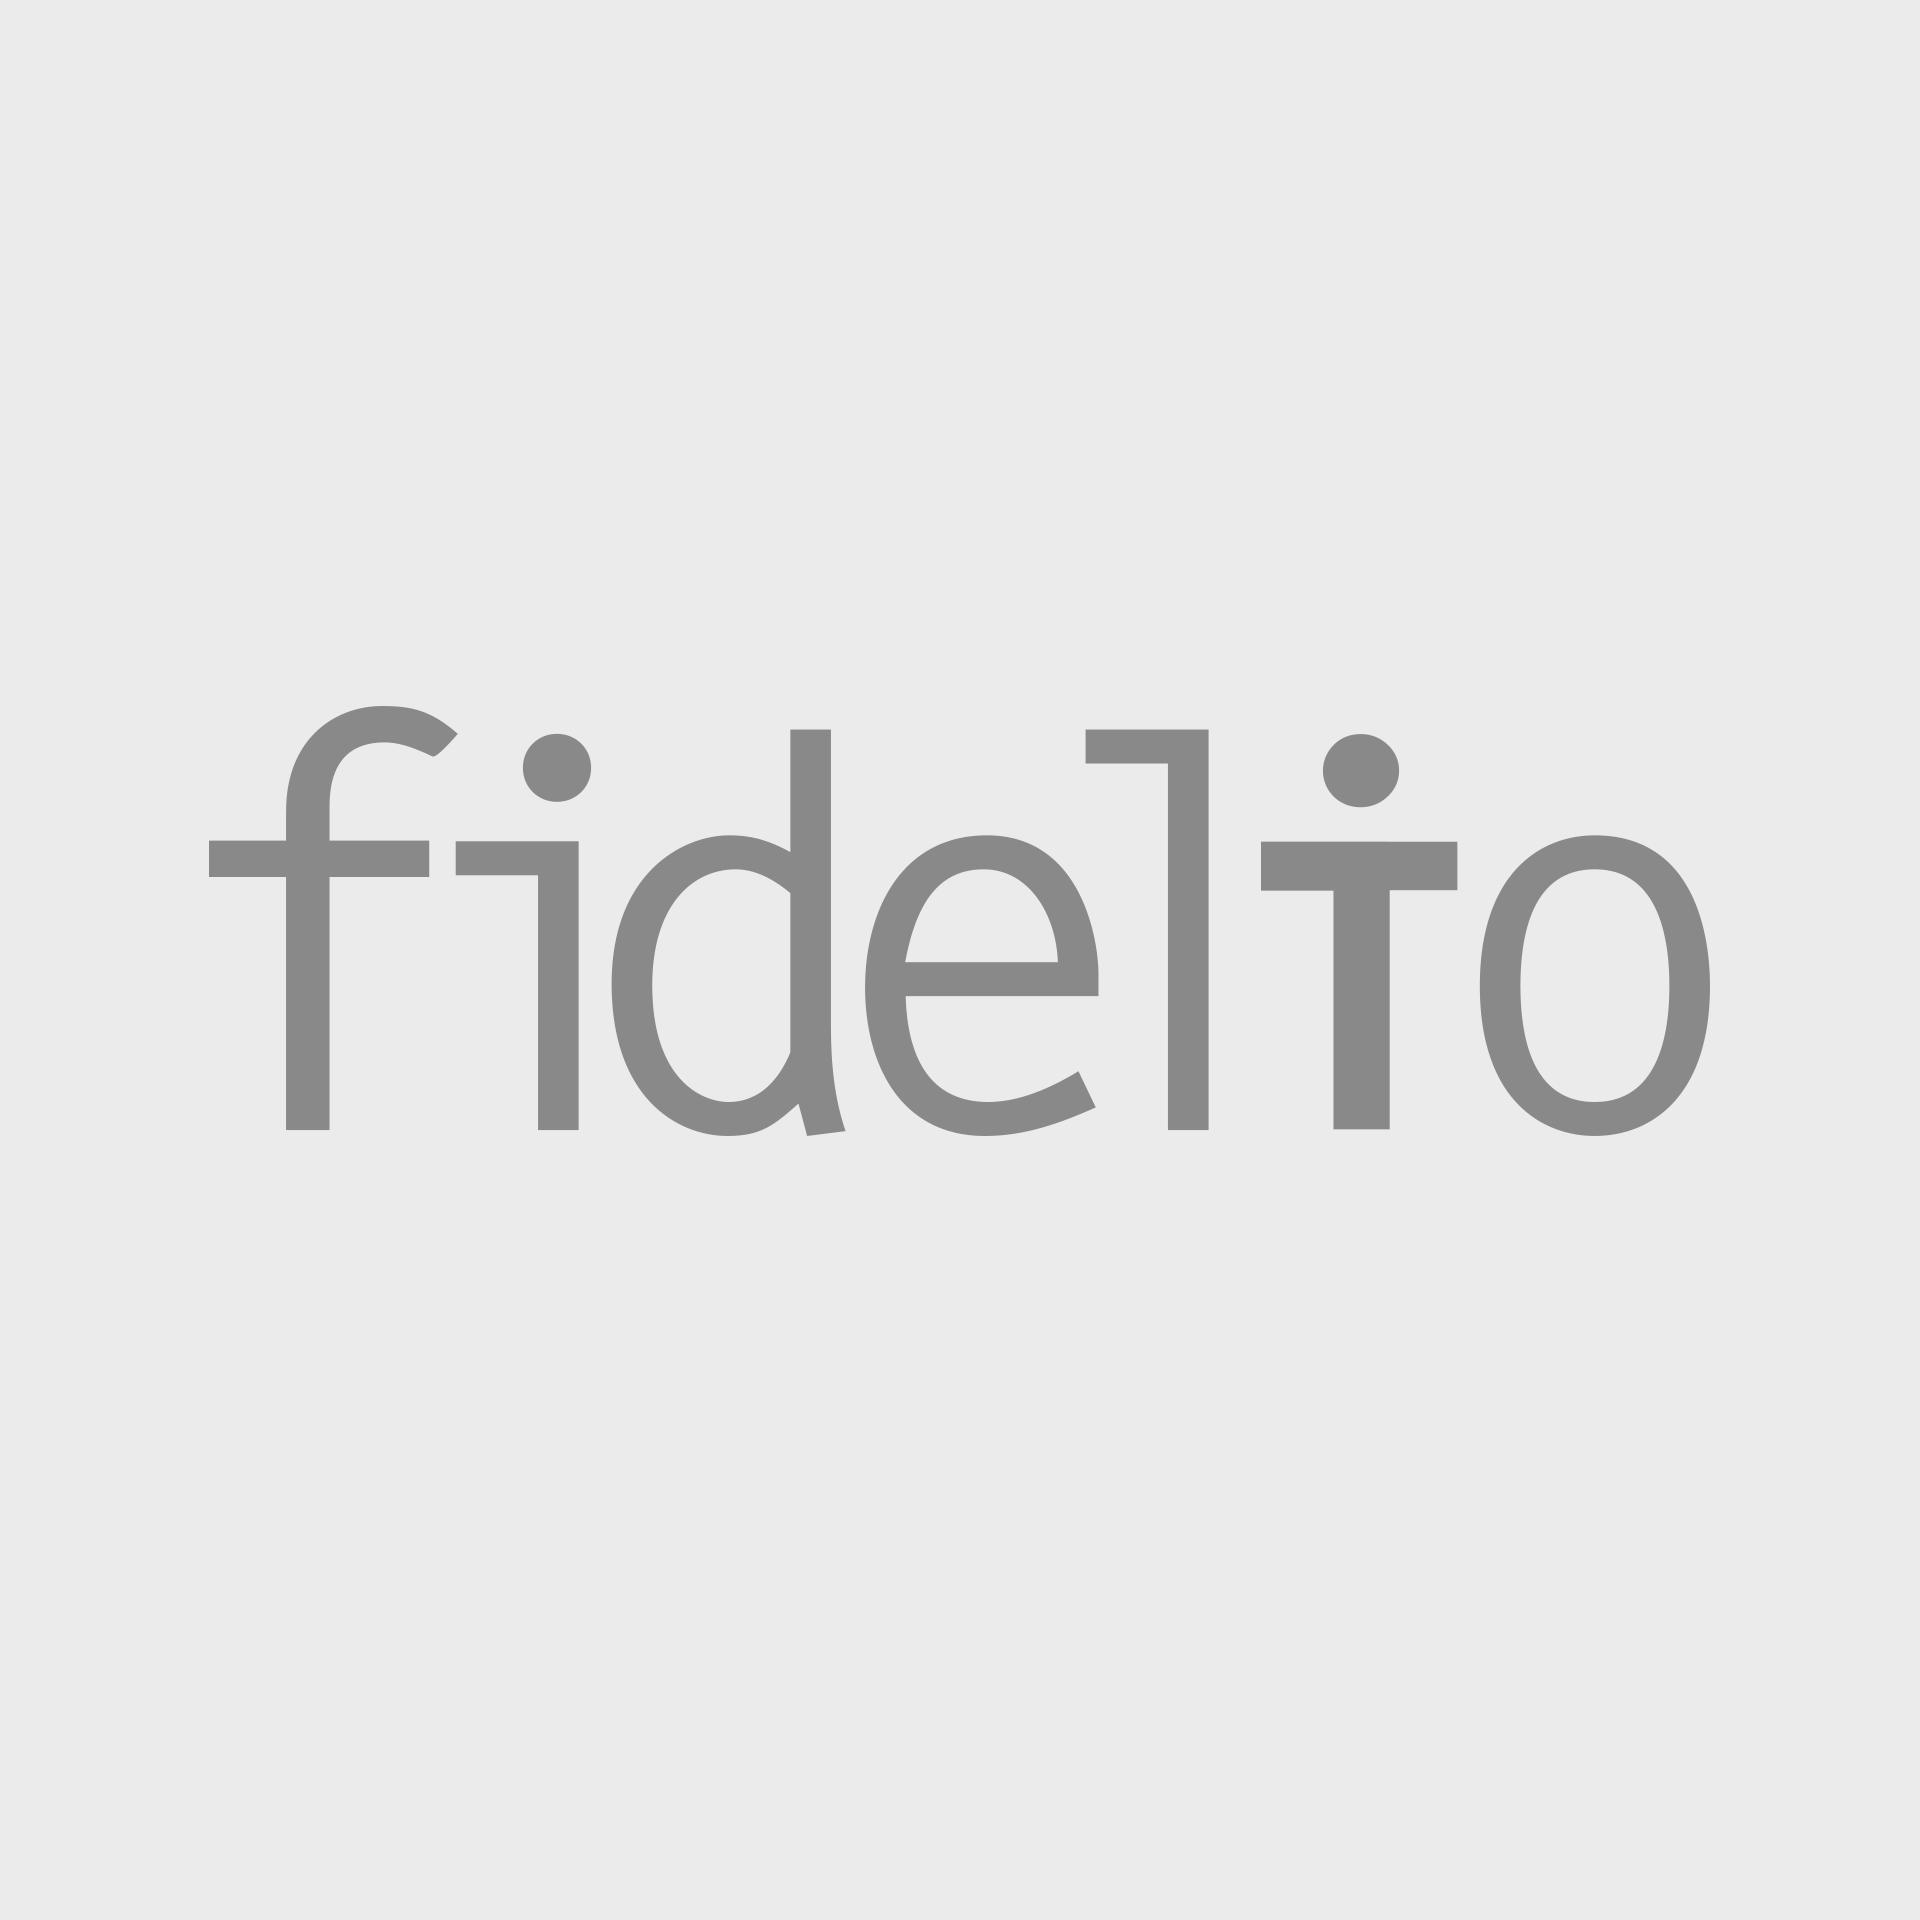 0EFC510A-FD4F-4A53-A03C-1C265615BA10